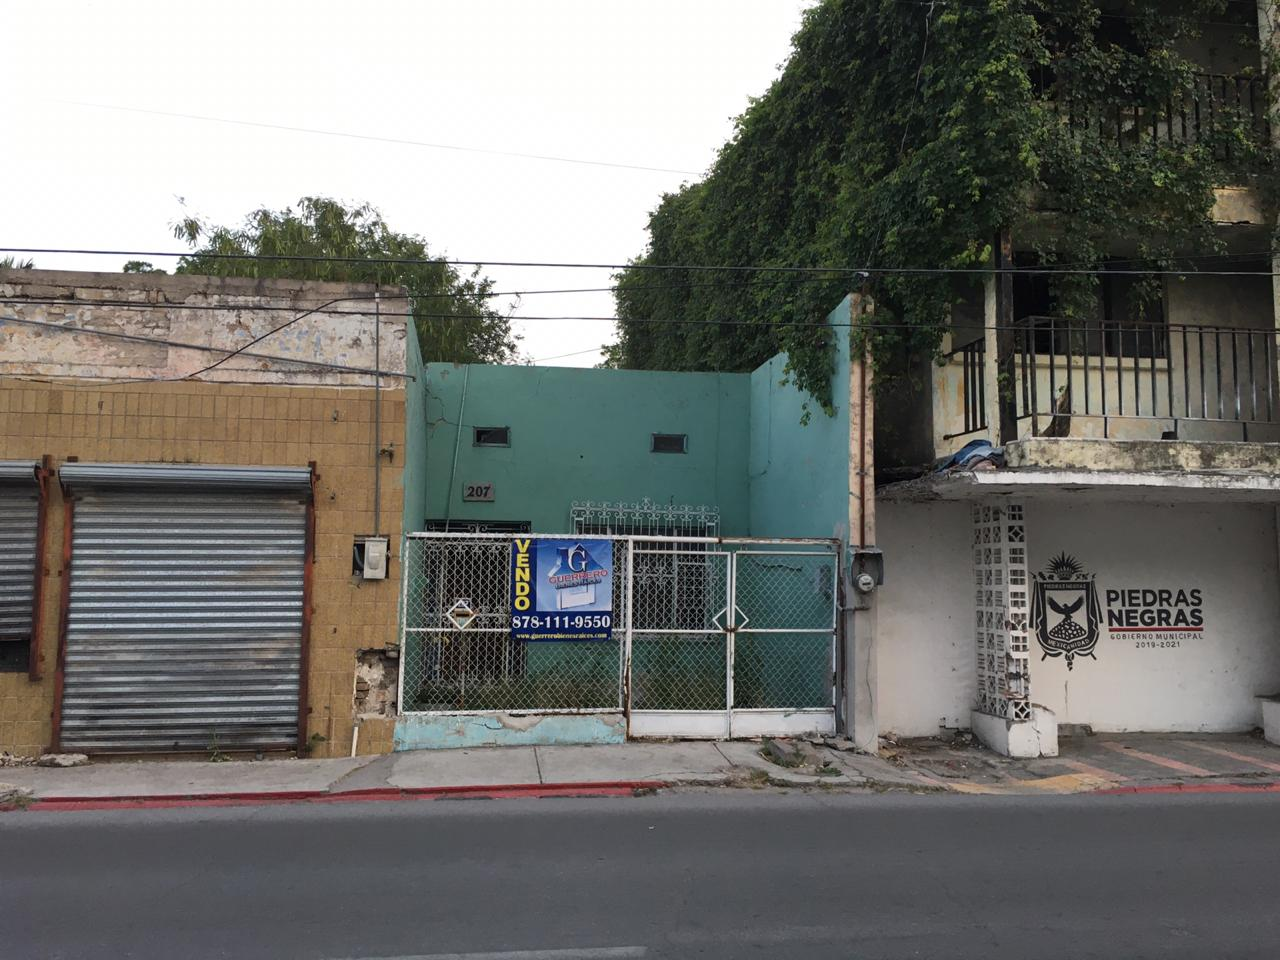 Venta de Terreno Comercial, Calle Allende Pte. #207, zona centro, Piedras Negras Coahuila.(VT #280)